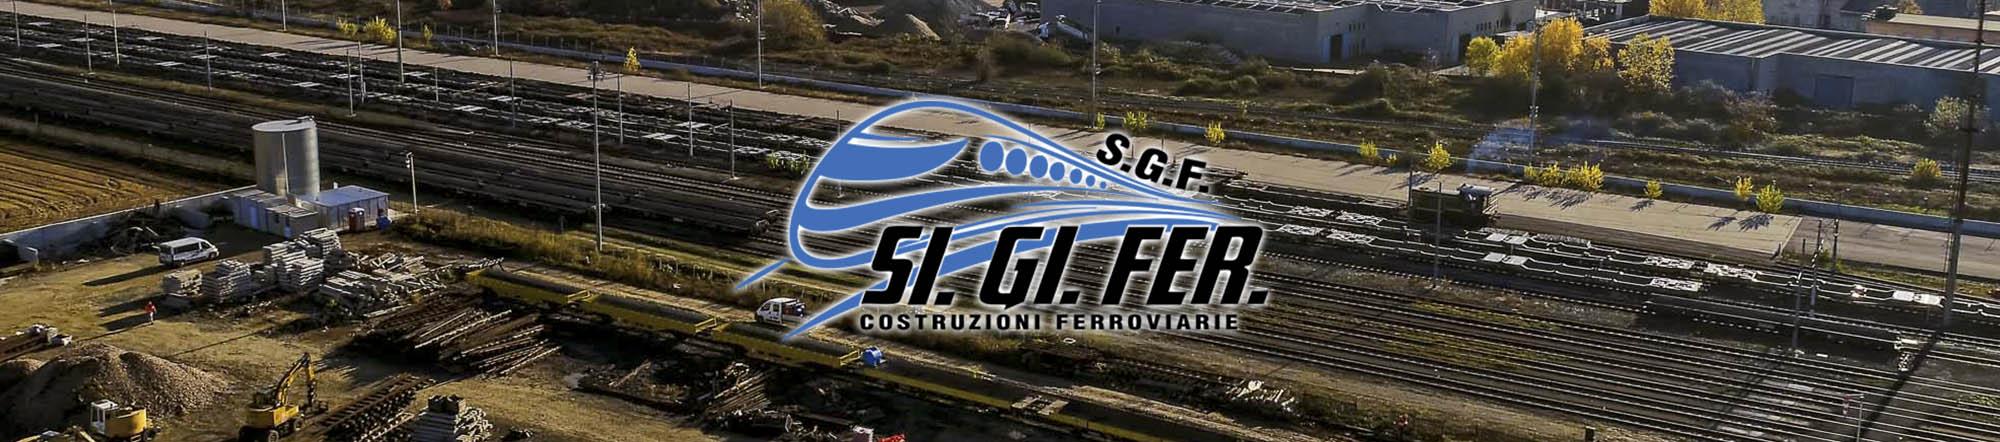 15-sigifer-costruzione-impianti-ferroviari-armamento-ferroviario